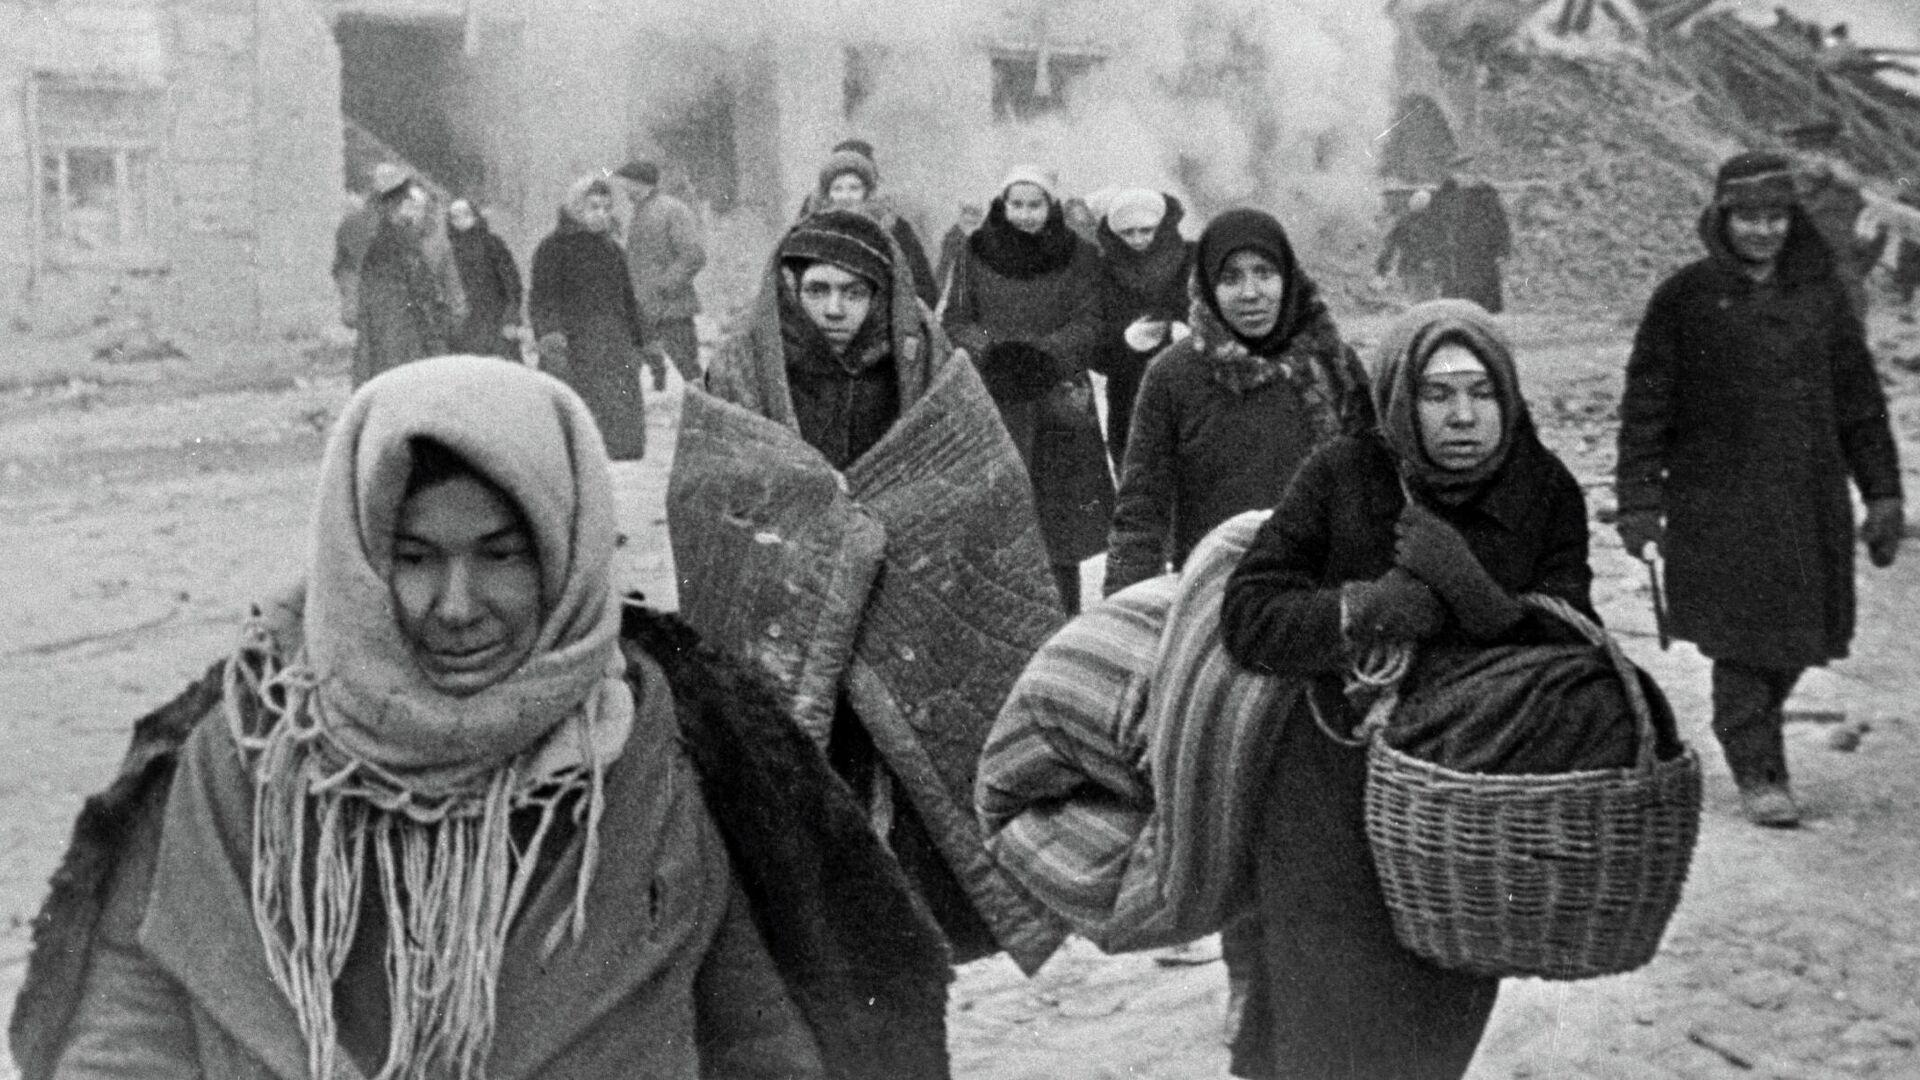 Жители блокадного Ленинграда выходят из бомбоубежища после отбоя тревоги - РИА Новости, 1920, 08.09.2021